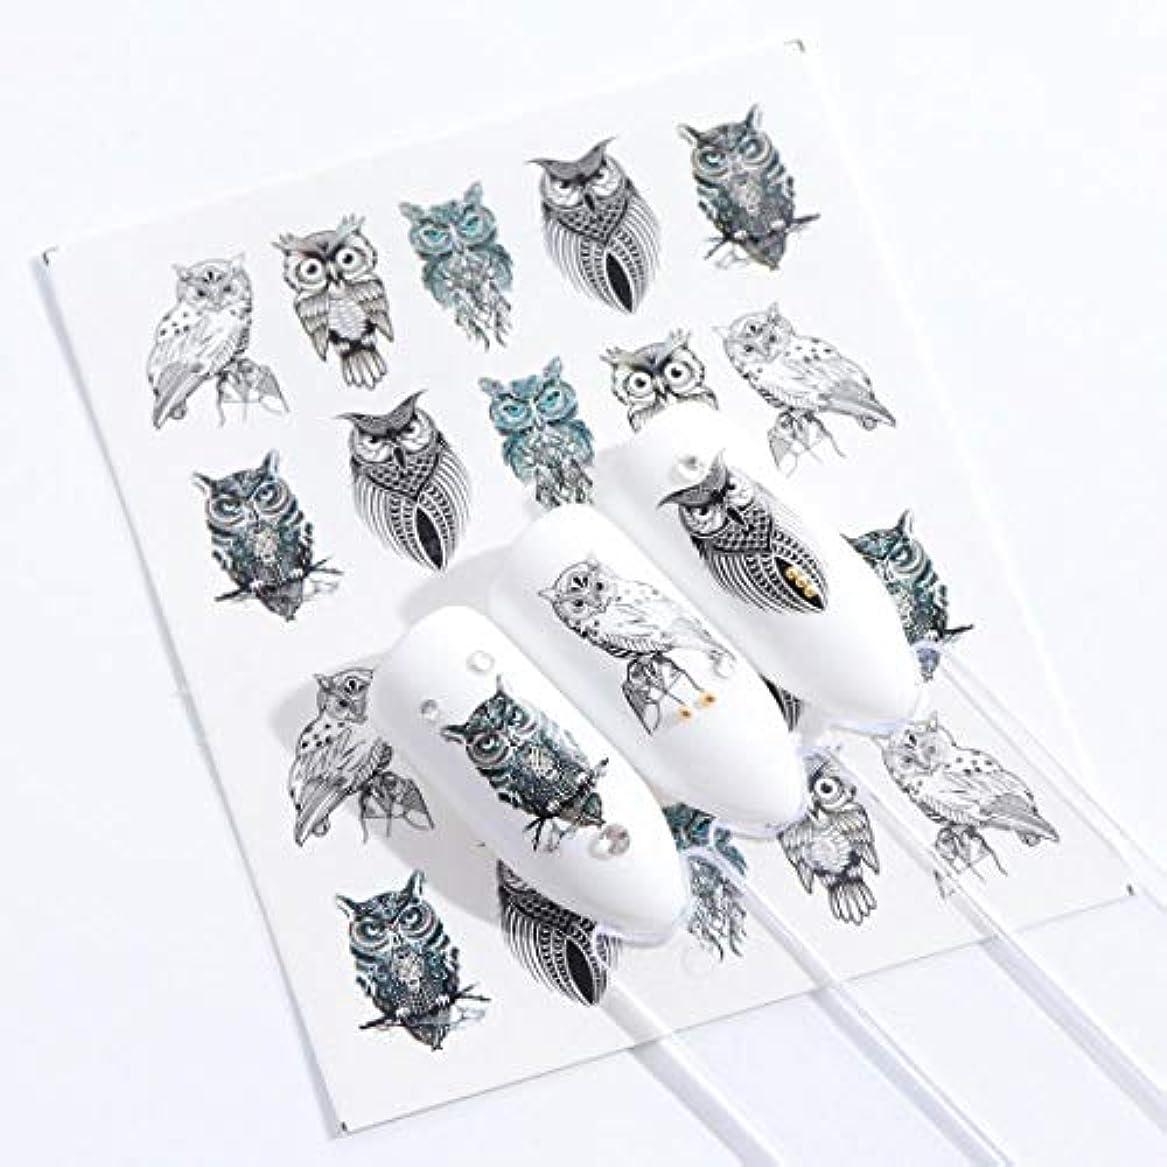 リード冗長無法者SUKTI&XIAO ネイルステッカー 1ピースラブリー漫画カラフルな画像ステンシルネイルデカールネイルアートステッカーマニキュアウォータースライダーのヒント、Stz670